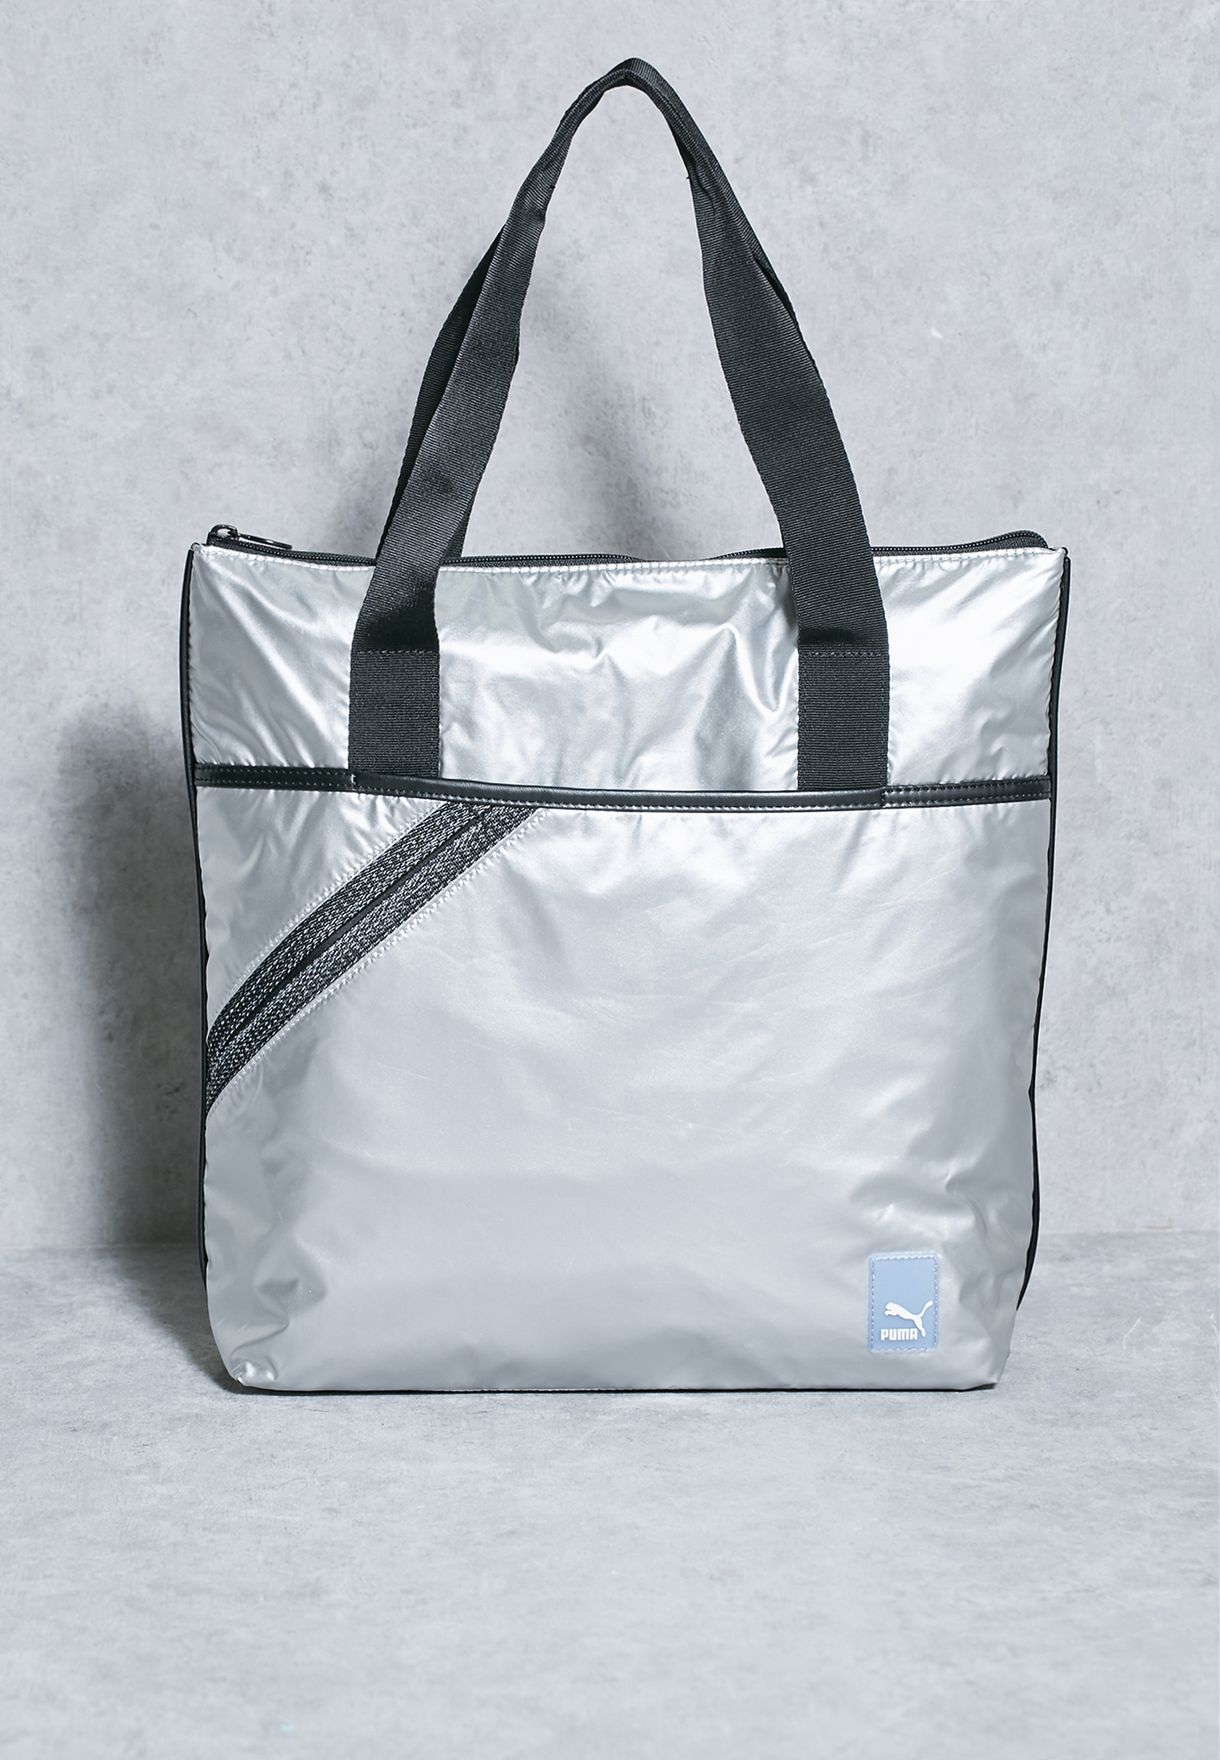 puma tote bag silver